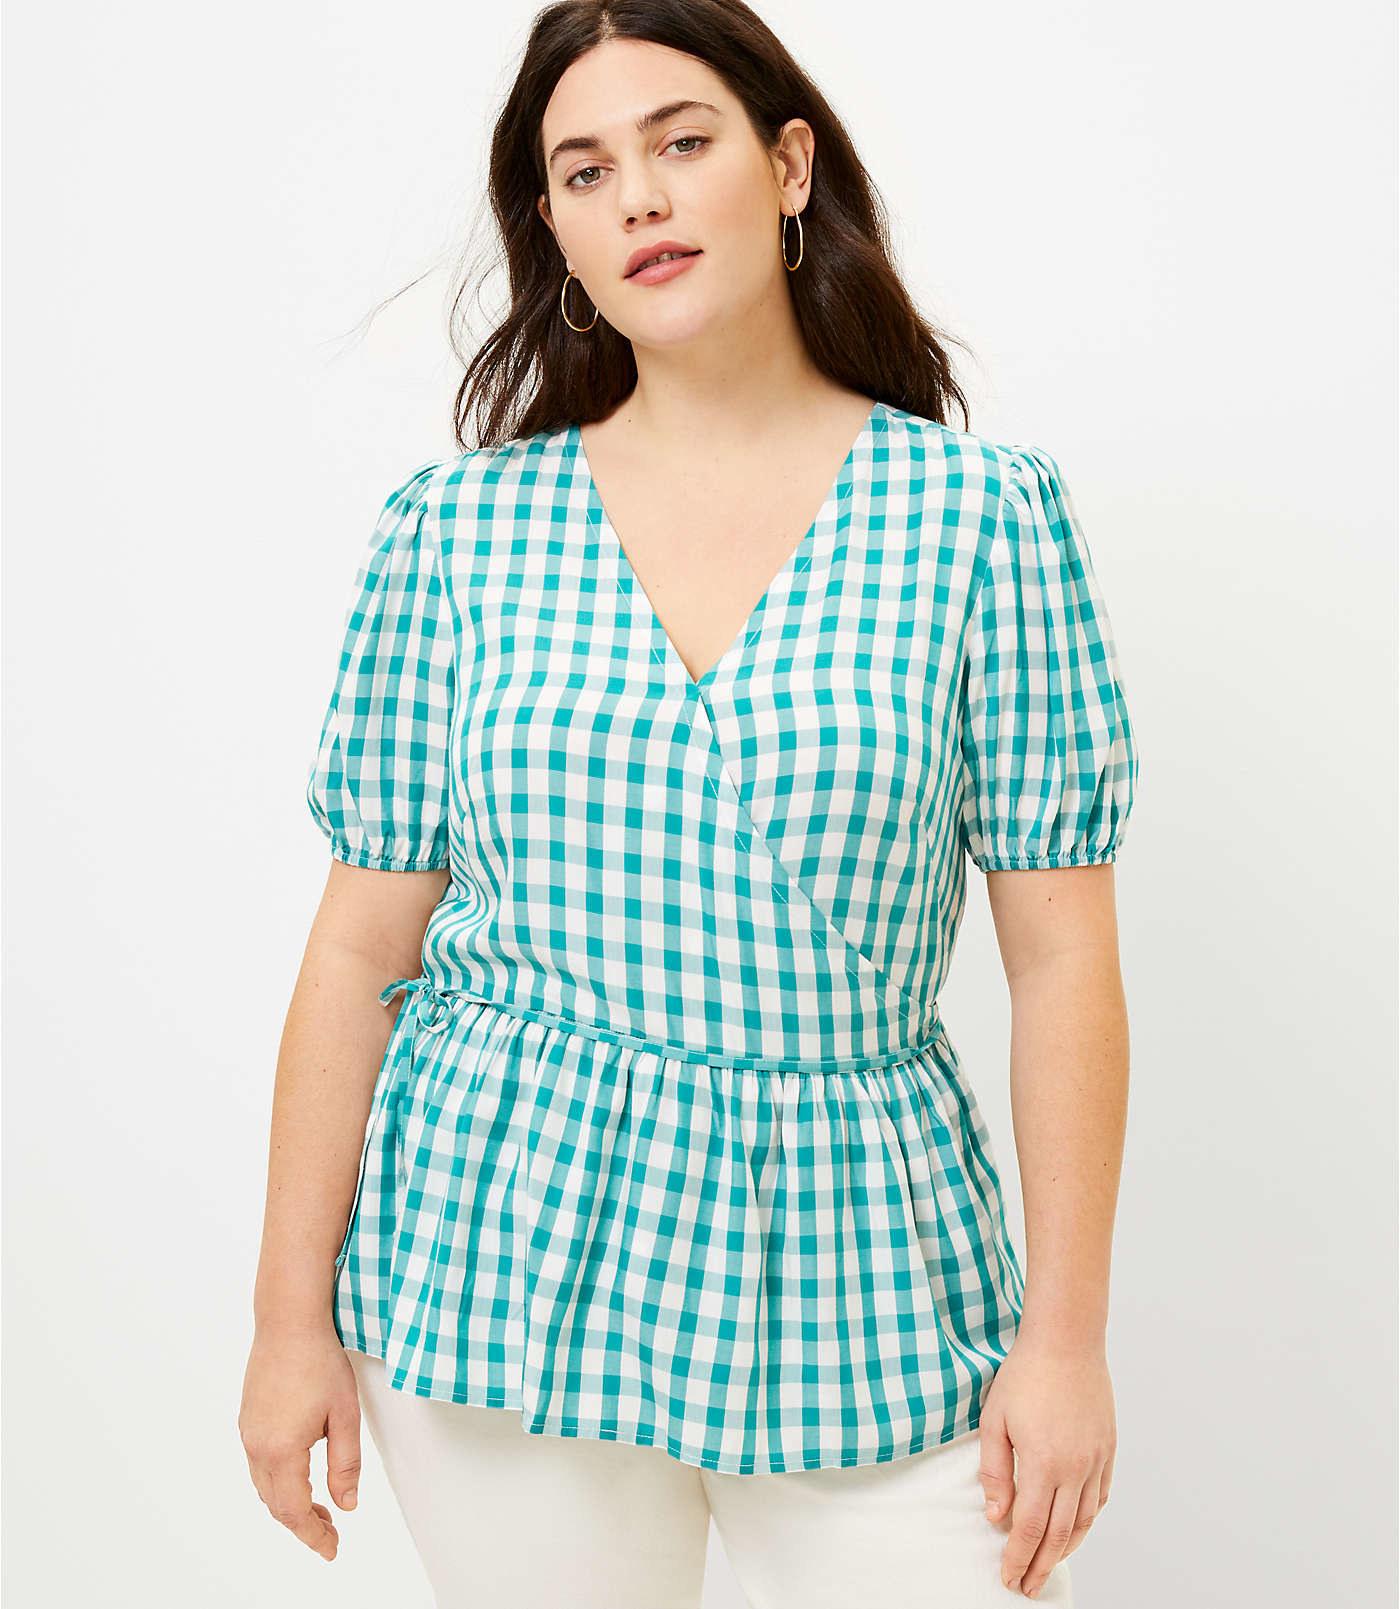 Model wearing blouse